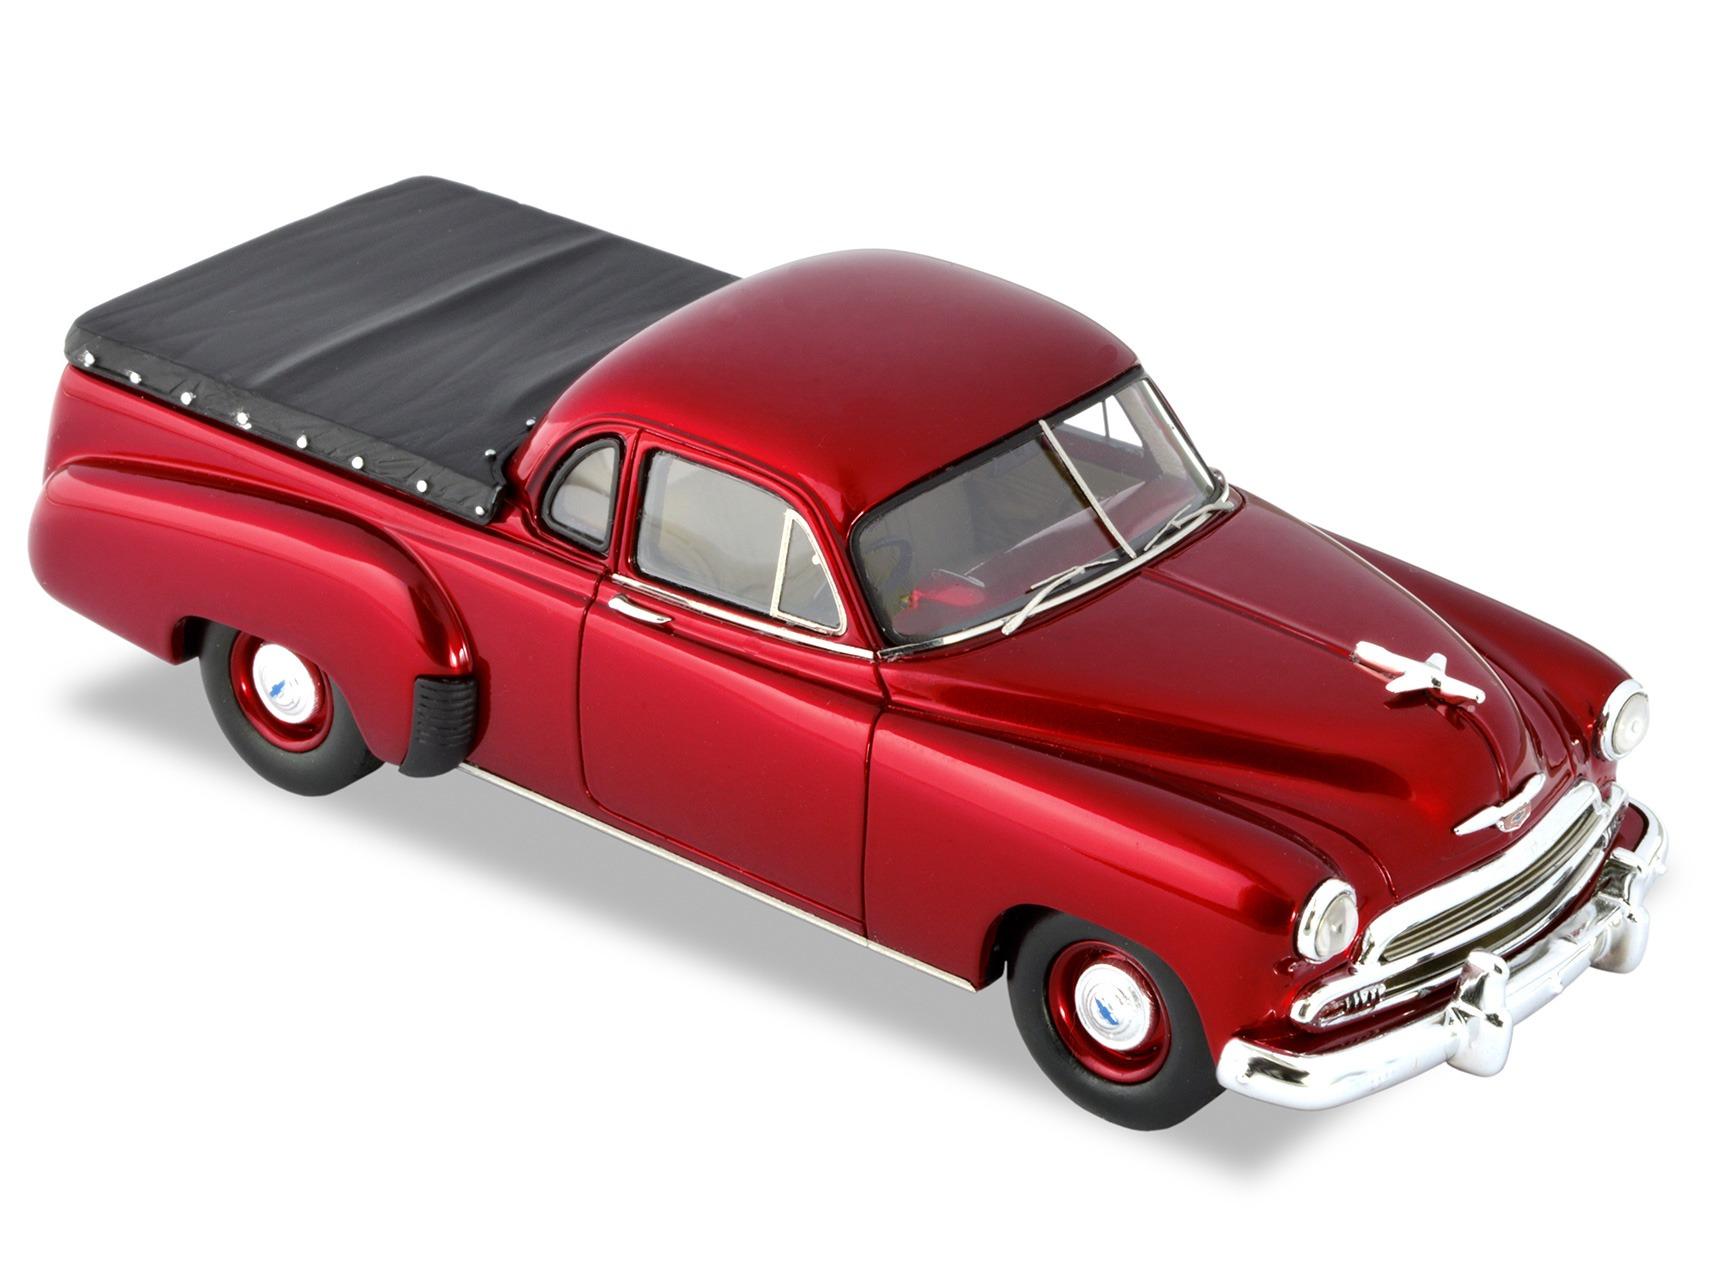 1951 Chevrolet Ute – Burgundy Red